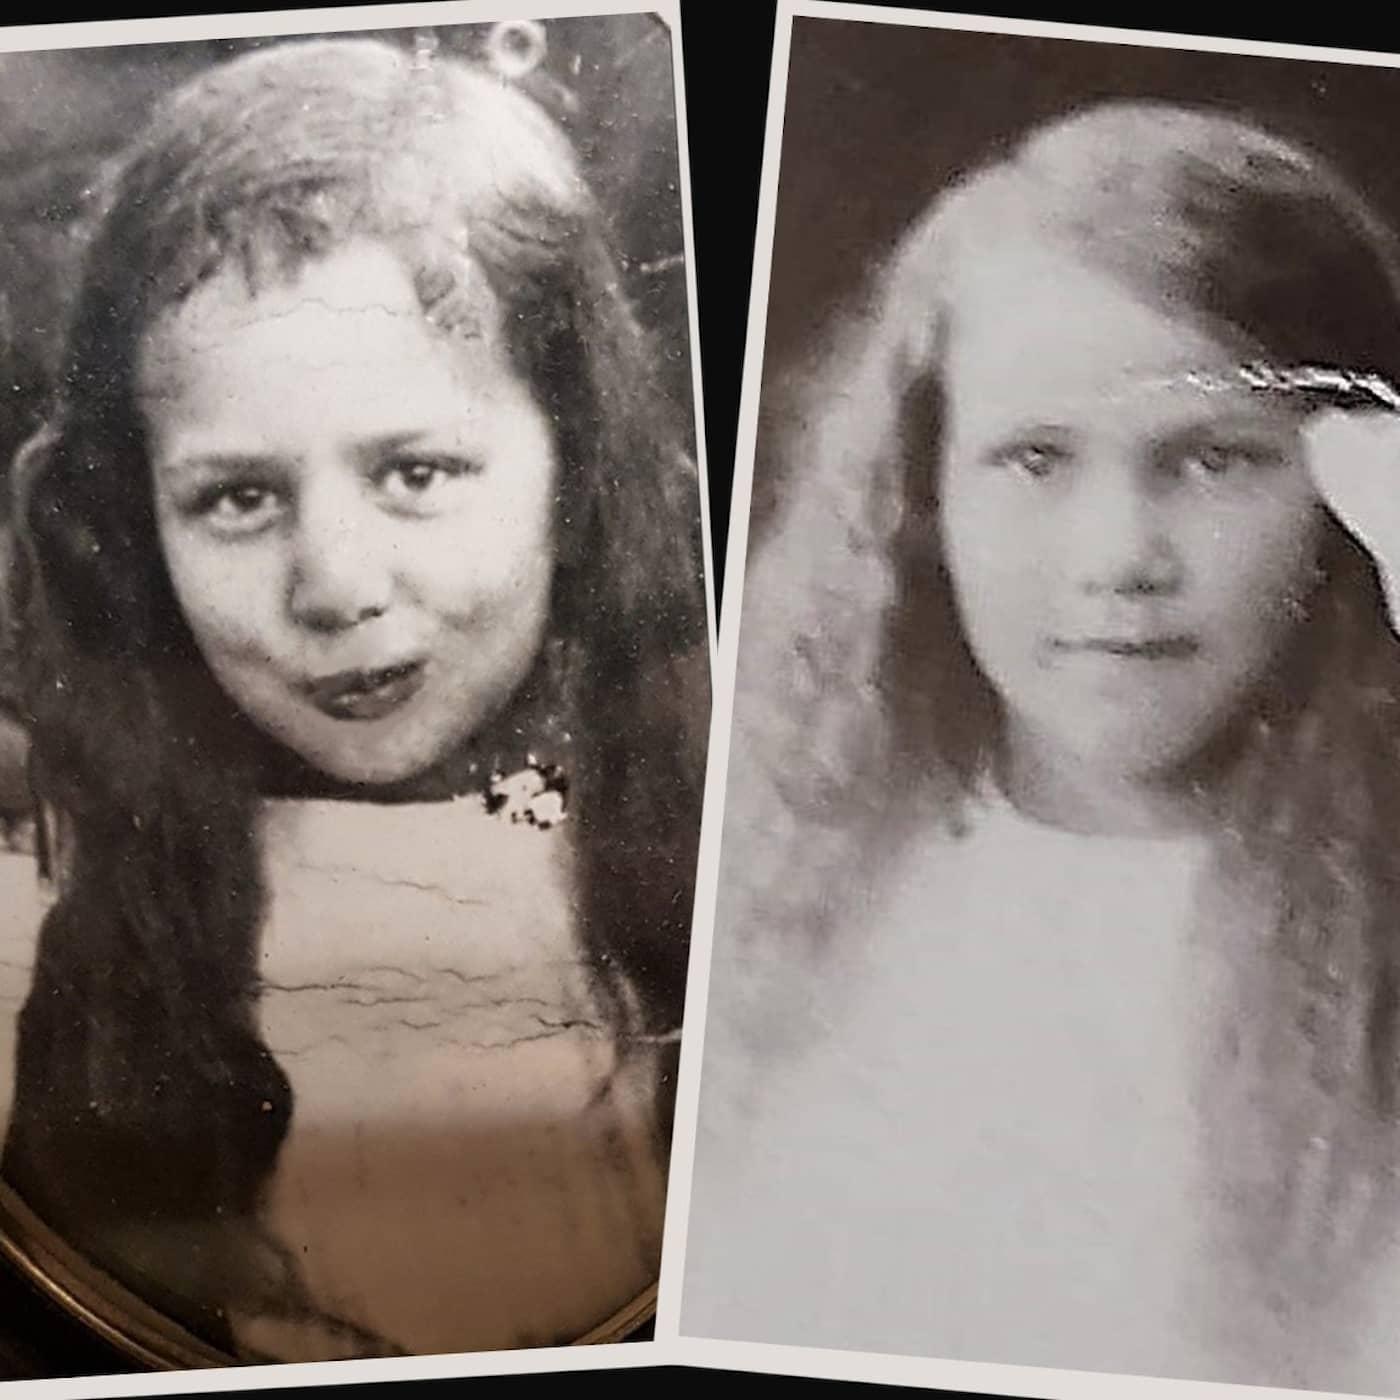 Kerstins DNA-upptäckt: Mamma blev bortbytt på BB